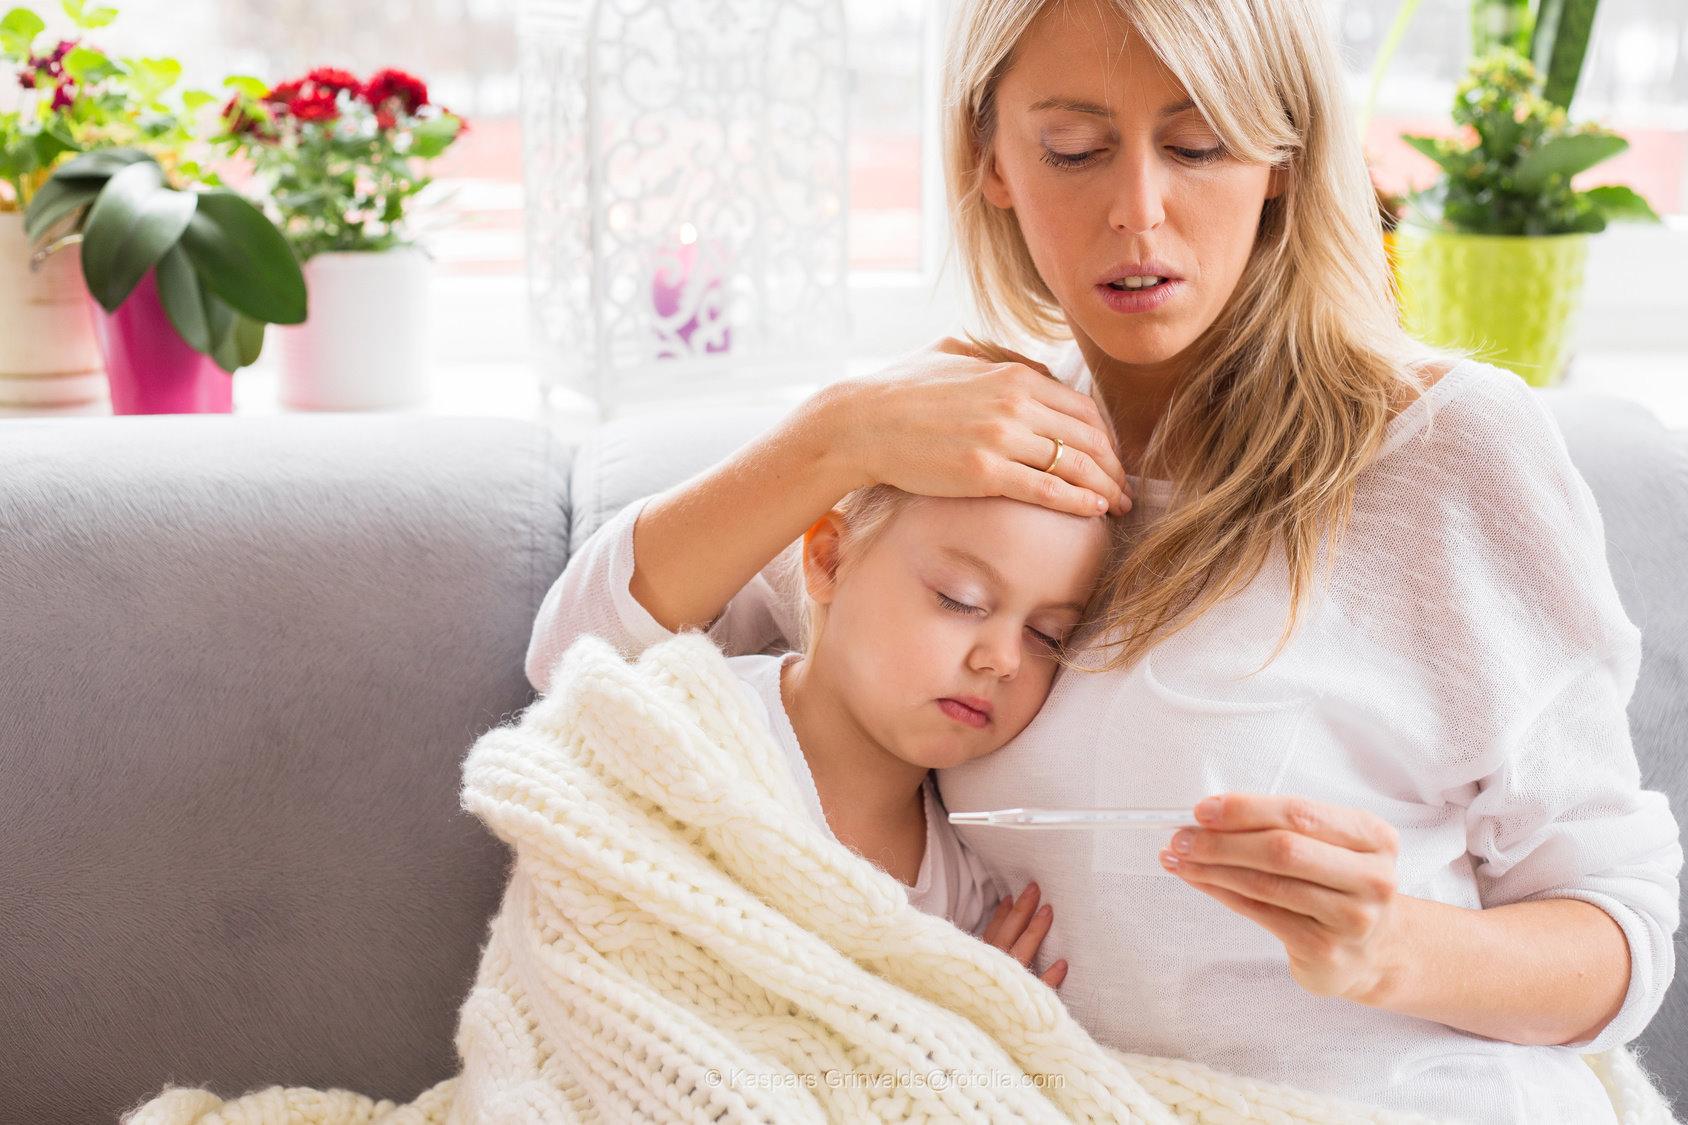 Freistellung von der Arbeit wegen Krankheit des Kindes